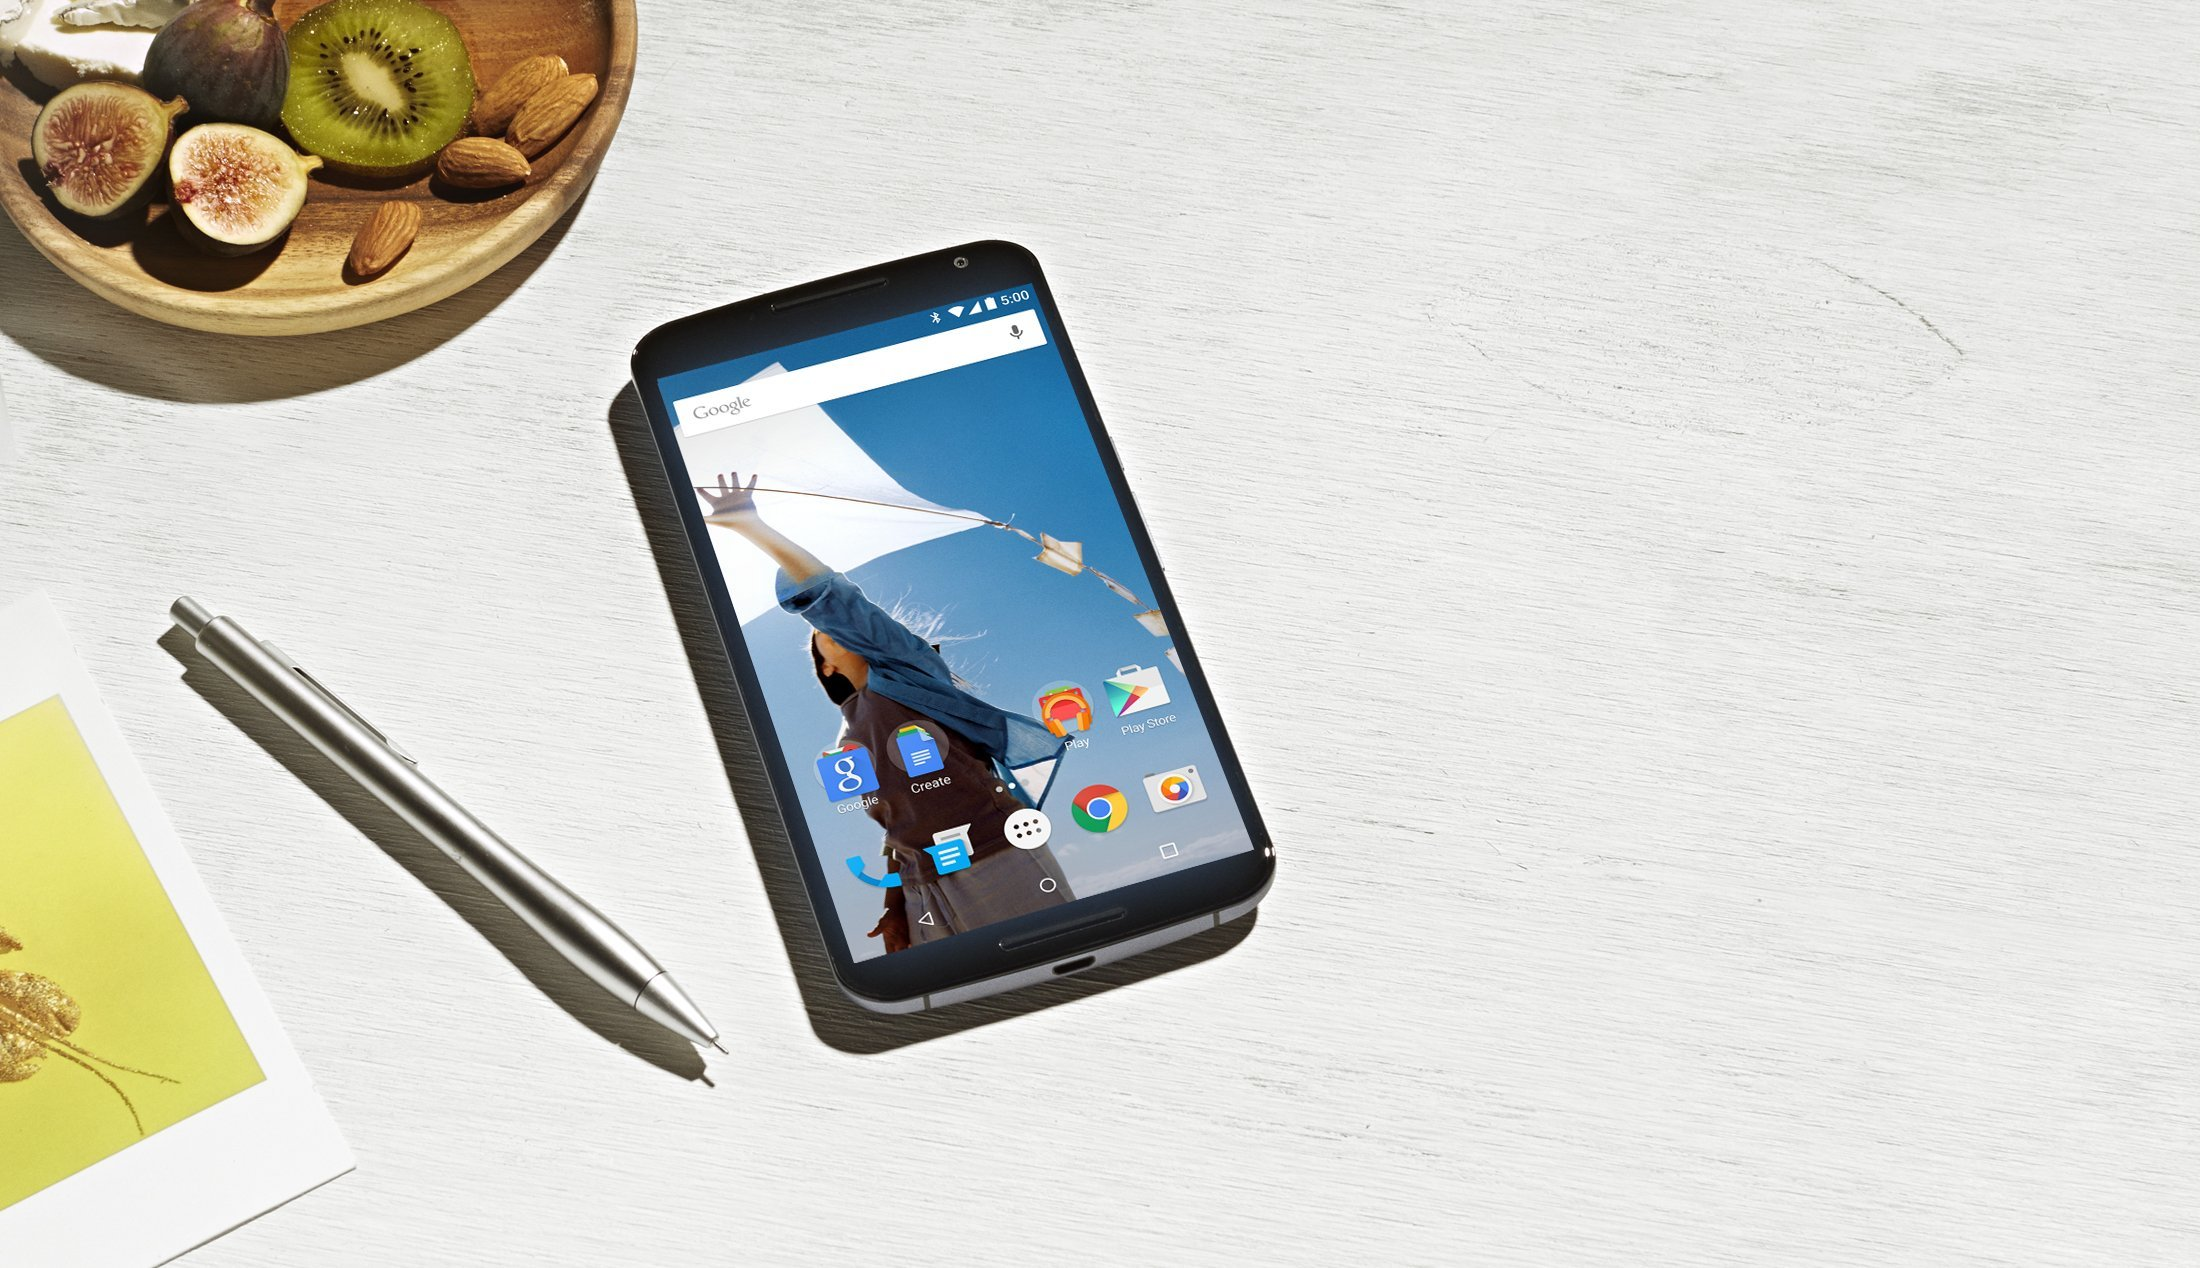 D'après Google, la taille du Nexus 6 correspond aux futures attentes des utilisateurs